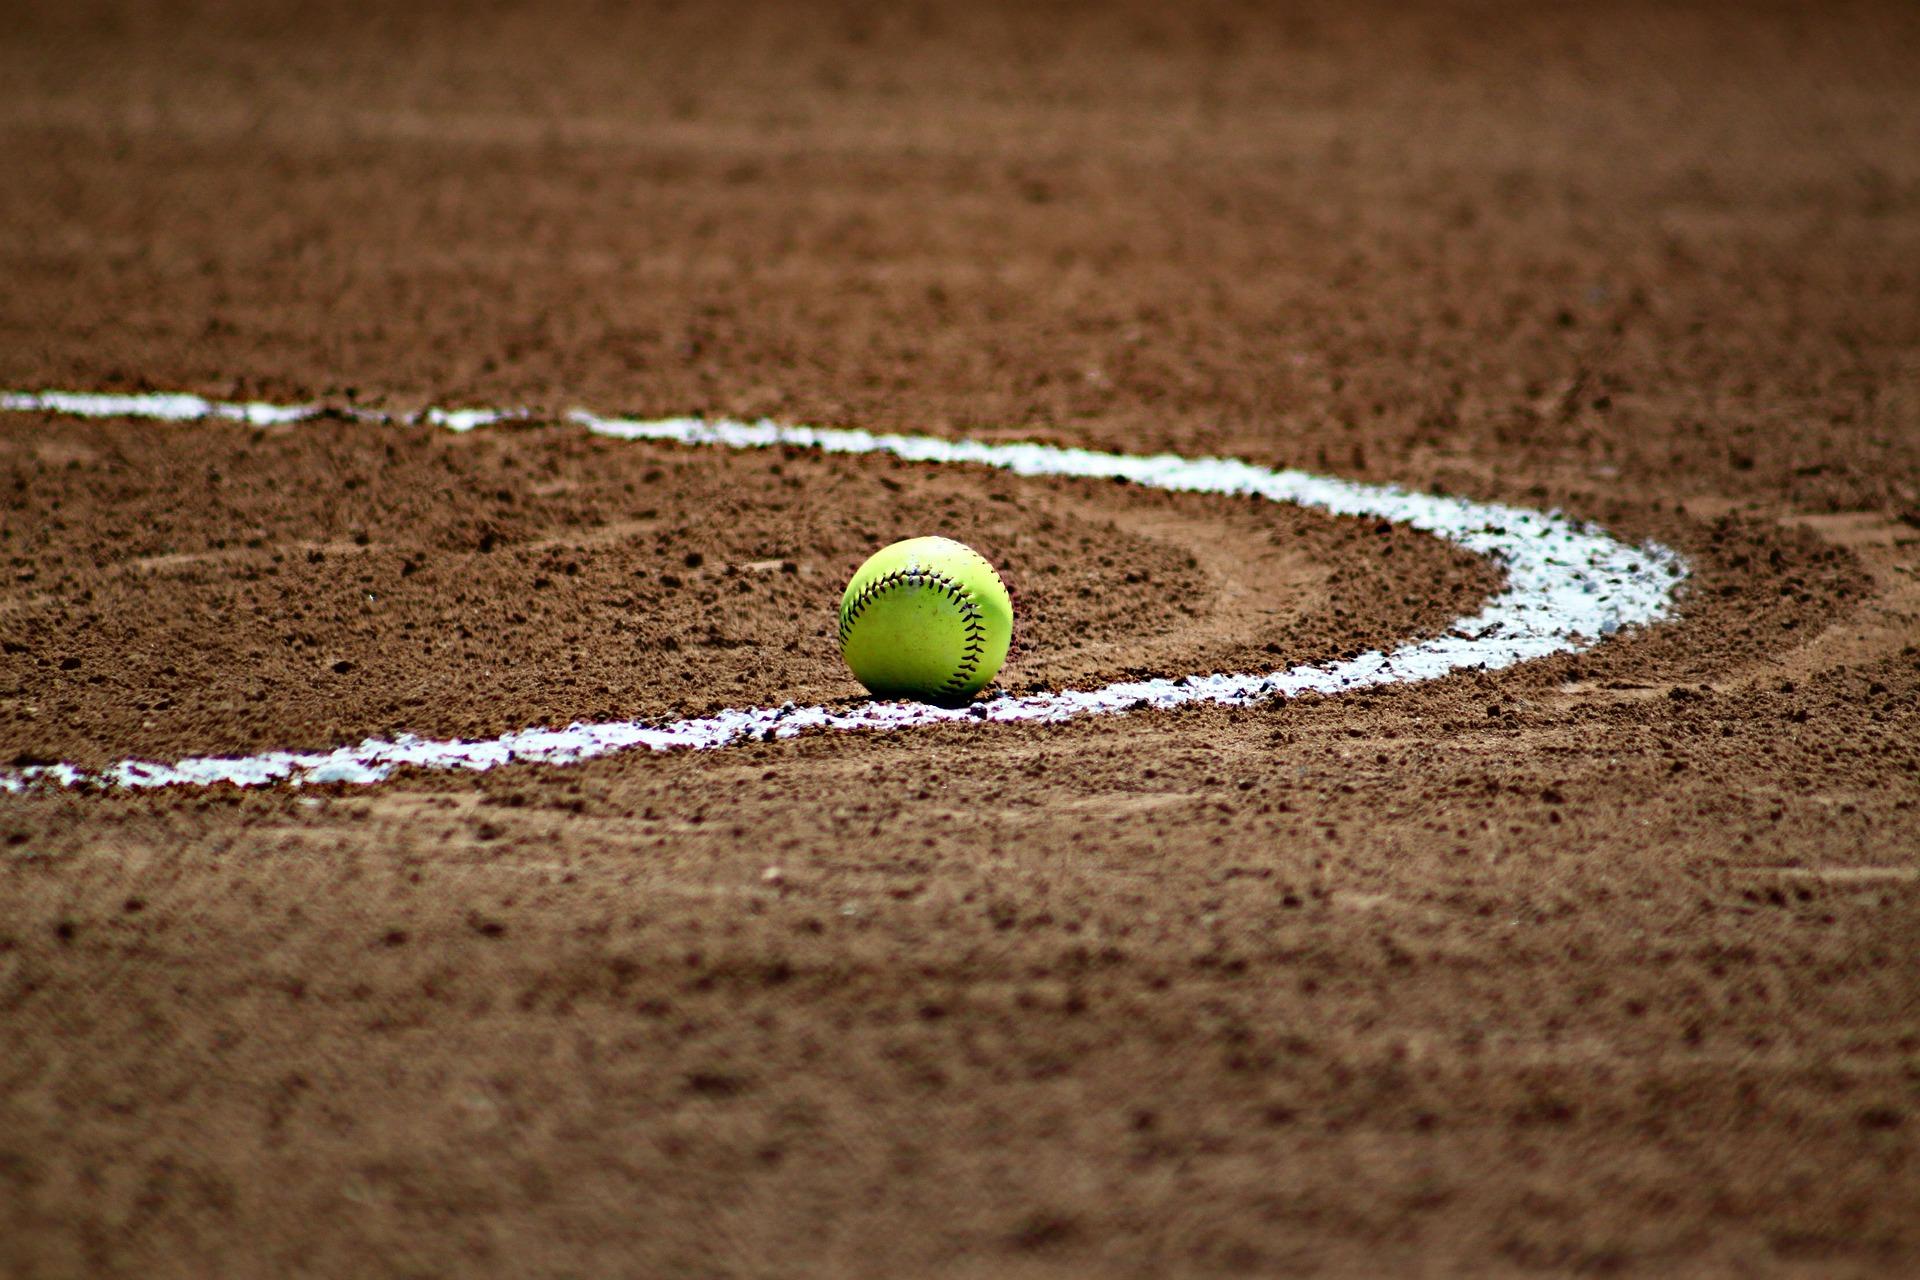 東北地区高校野球2021優勝予想やドラフト注目選手の記事一覧